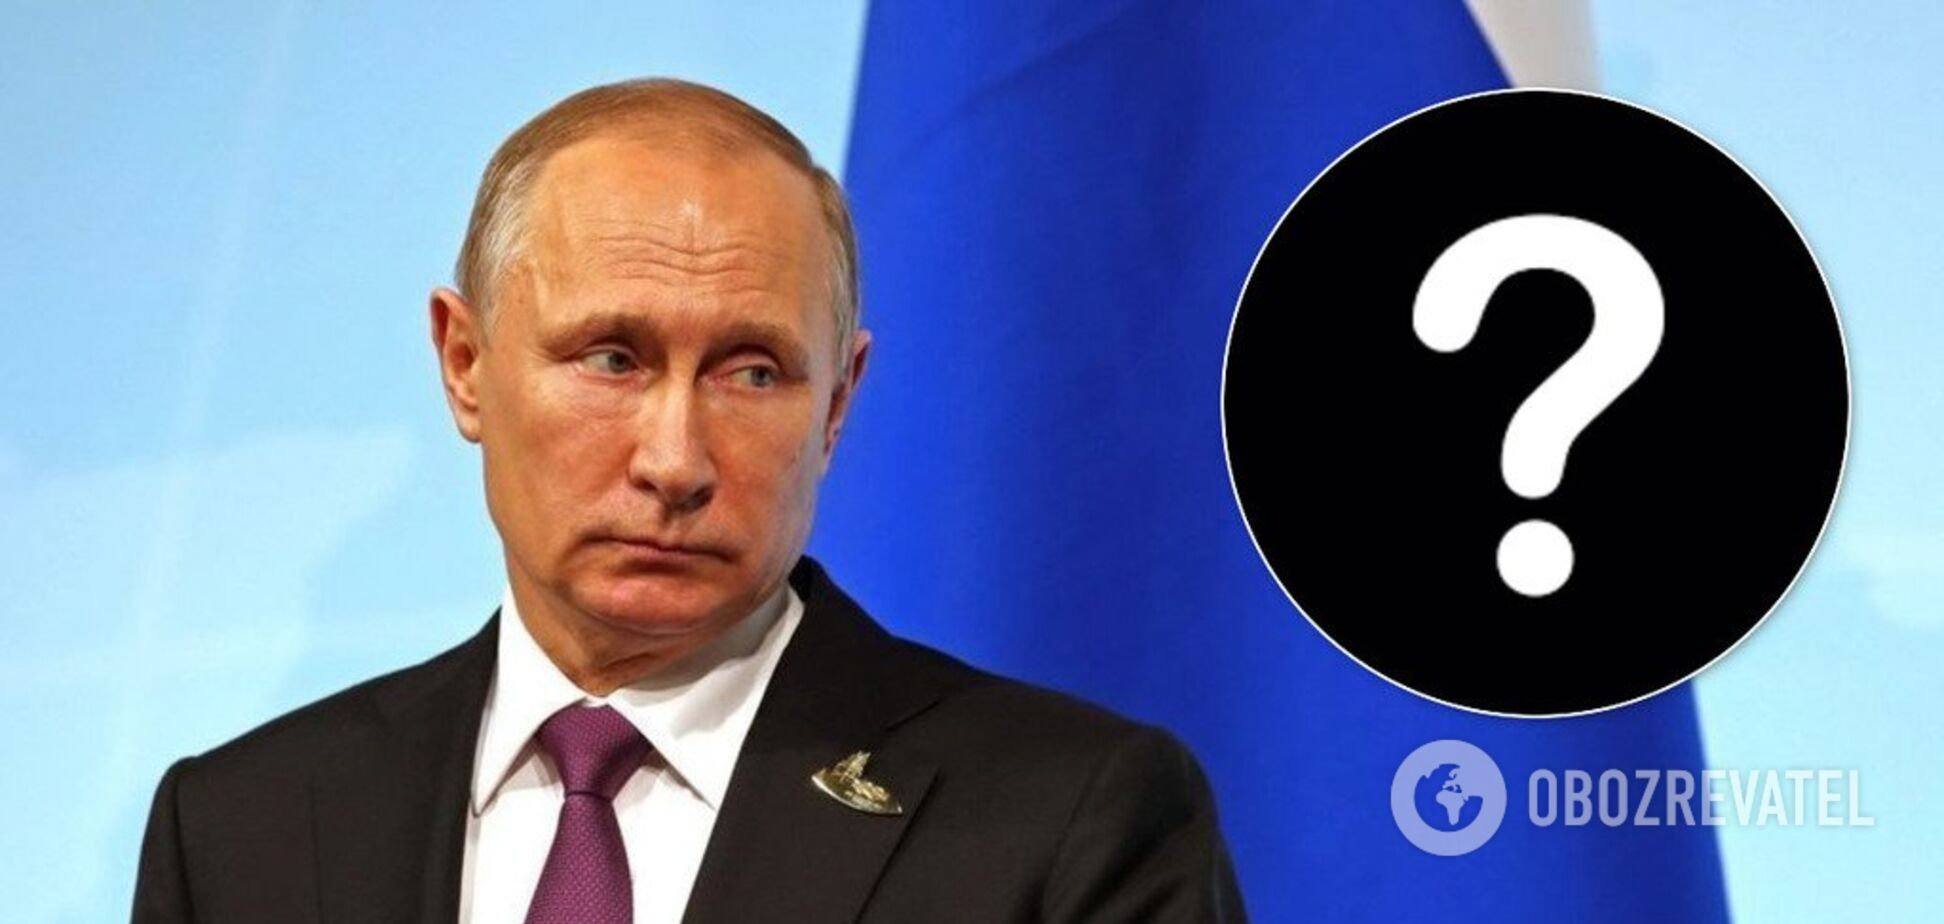 'Герой нашего времени': в России назвали преемников Путина